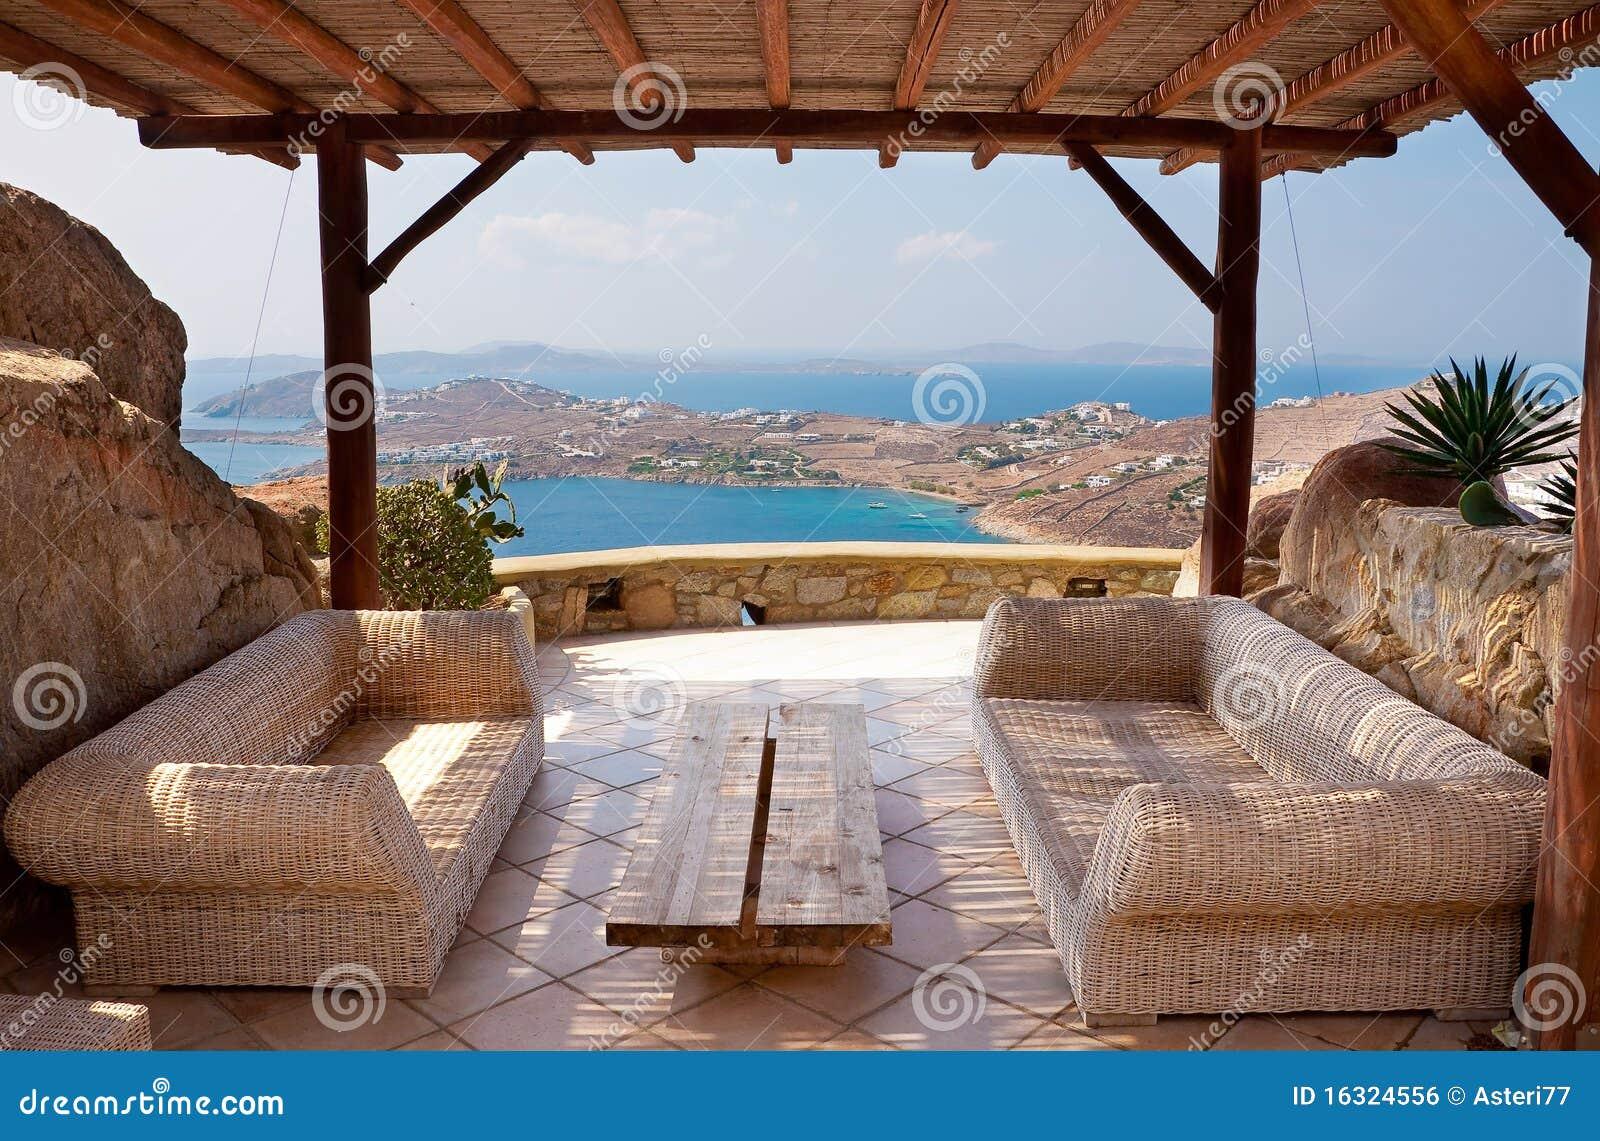 Veranda con mobilia di vimini in un hotel